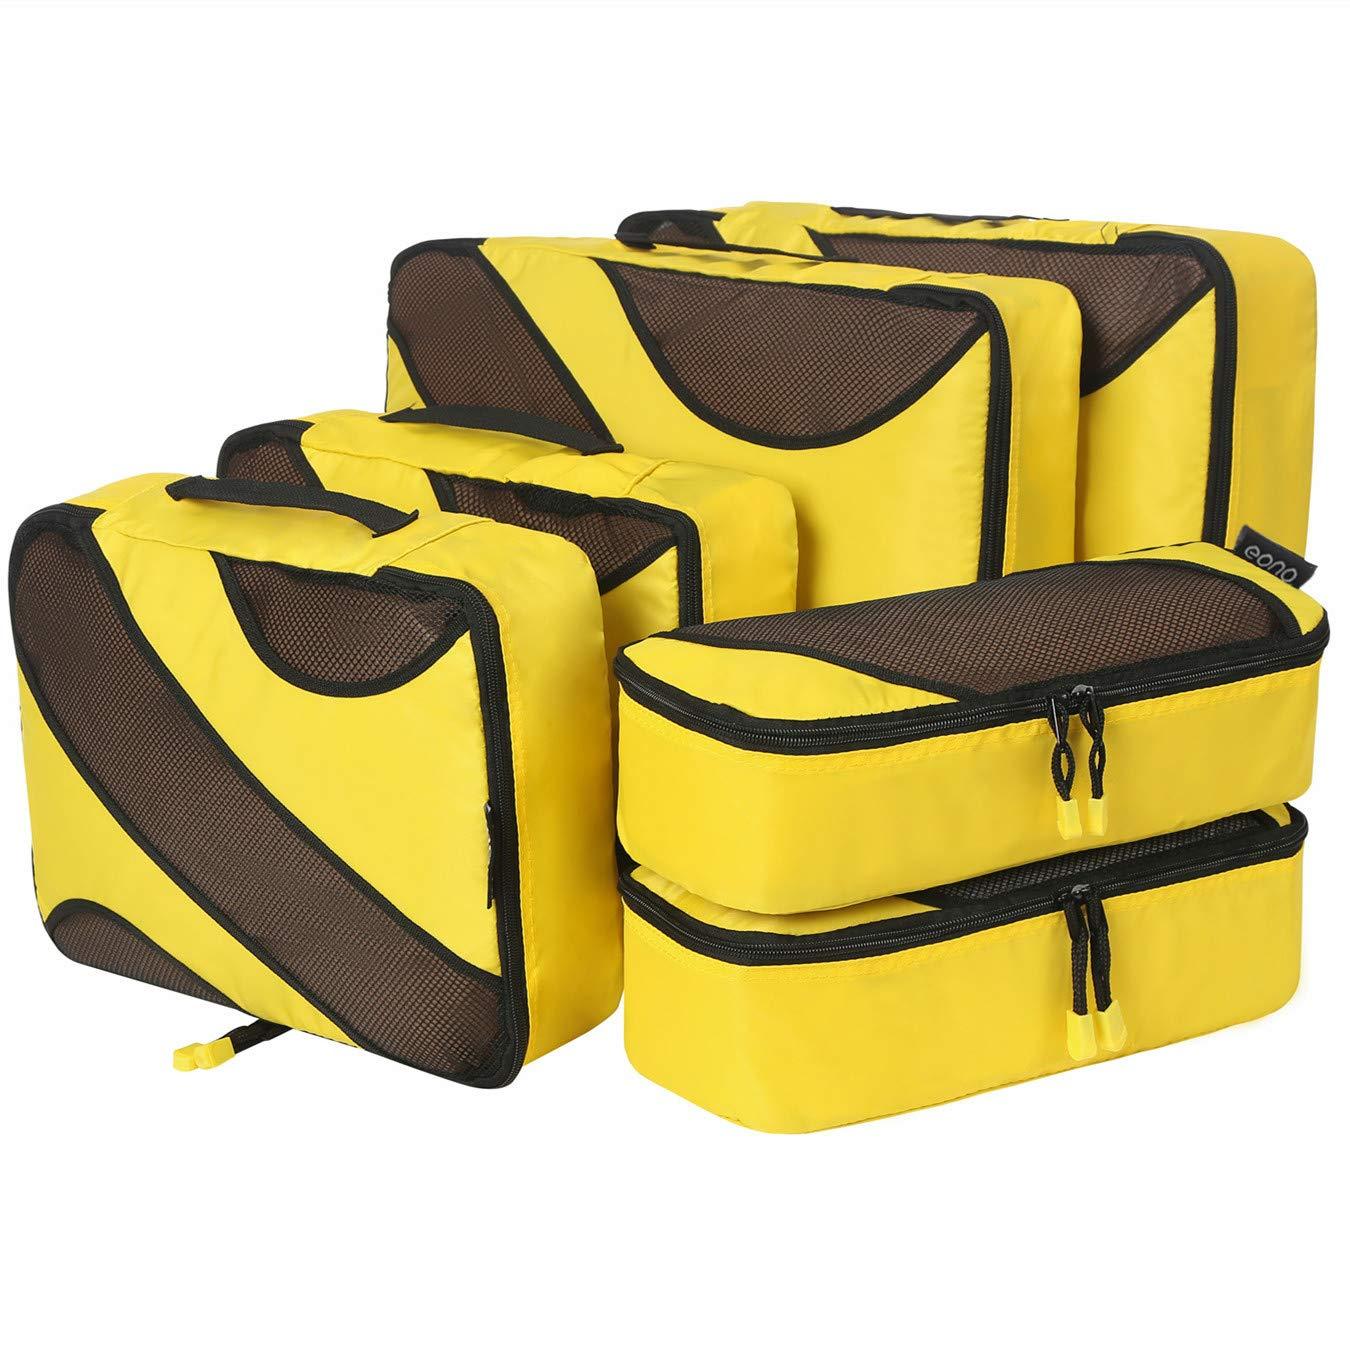 640b4c07f5 Amazon Brand: Eono Essentials 6 Set cubes d'emballage, 3 différentes  tailles Organisateurs